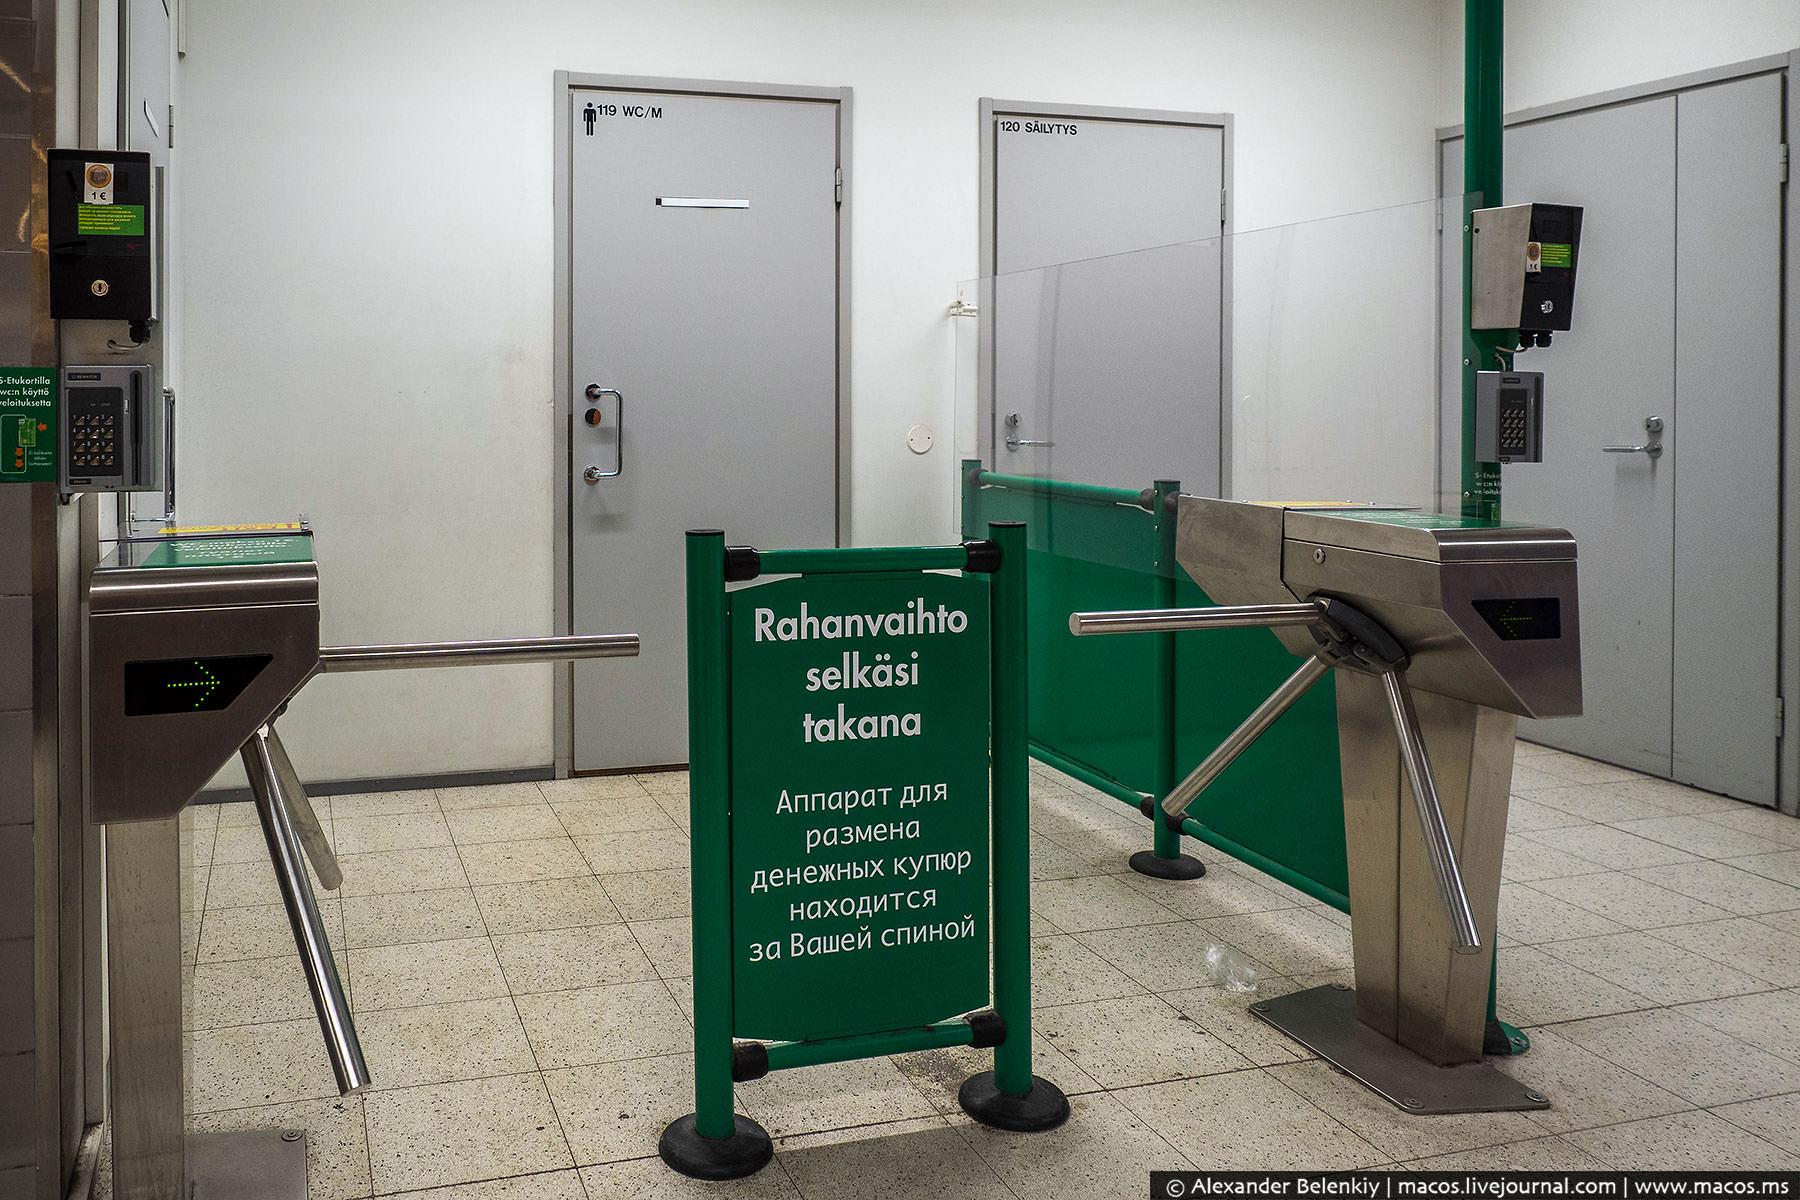 Туалеты платные. Неудивительно: при таком потоке людей их нужно убирать куда чаще.